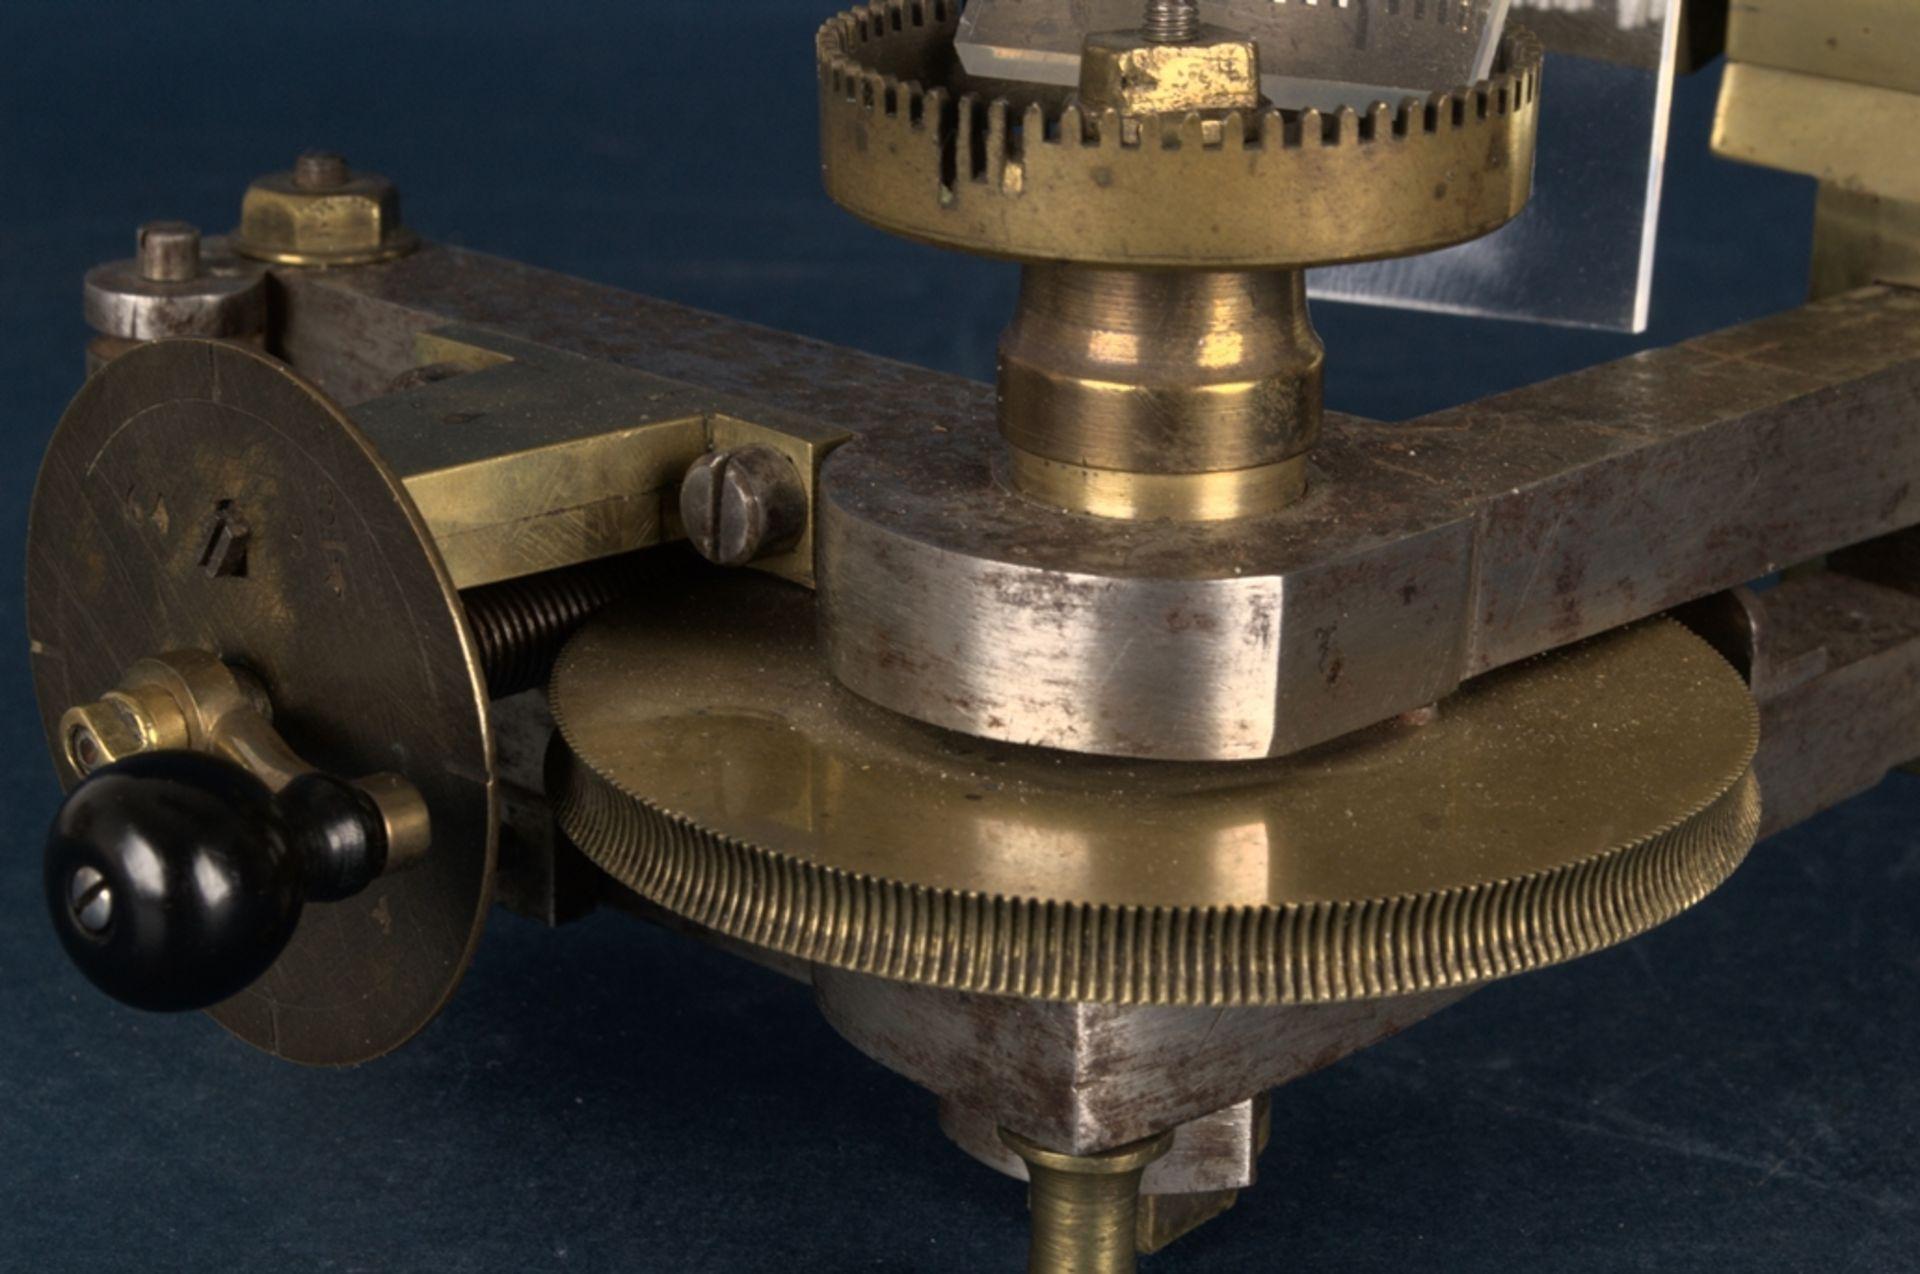 Zahnradfräsmaschine/Zahnräderschneidemaschine, frühes Uhrmacherwerkzeug, deutsch Mitte 18. Jhd., - Bild 29 aus 29